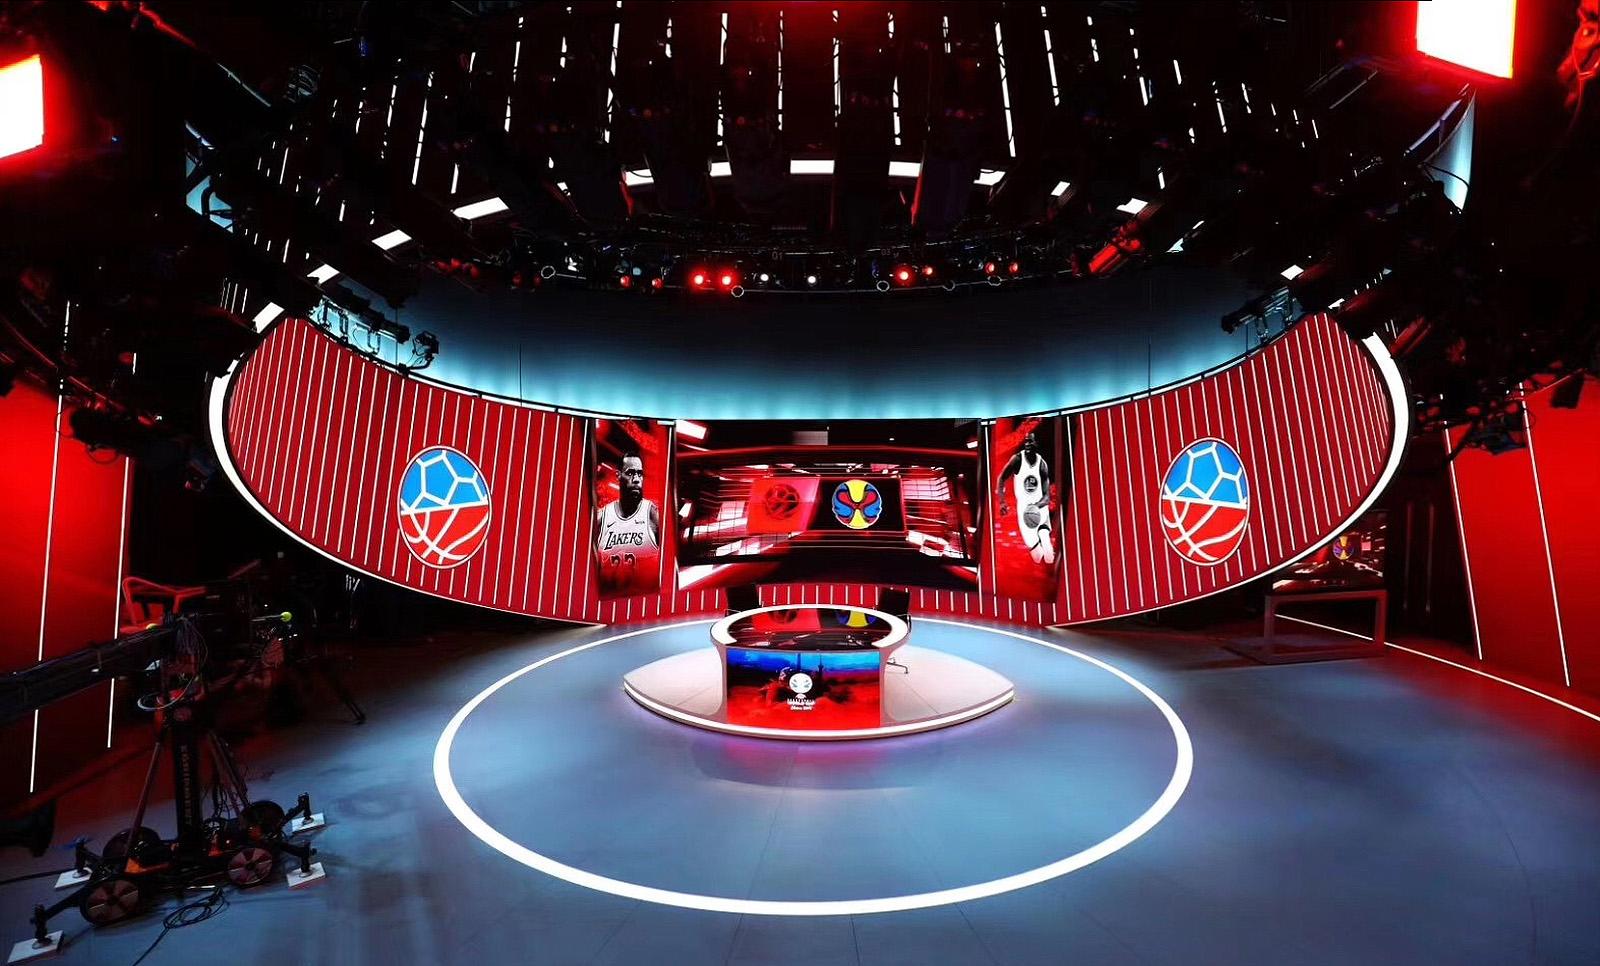 NCS_Tencent-Sports_NBA_Flint-Skallen_002